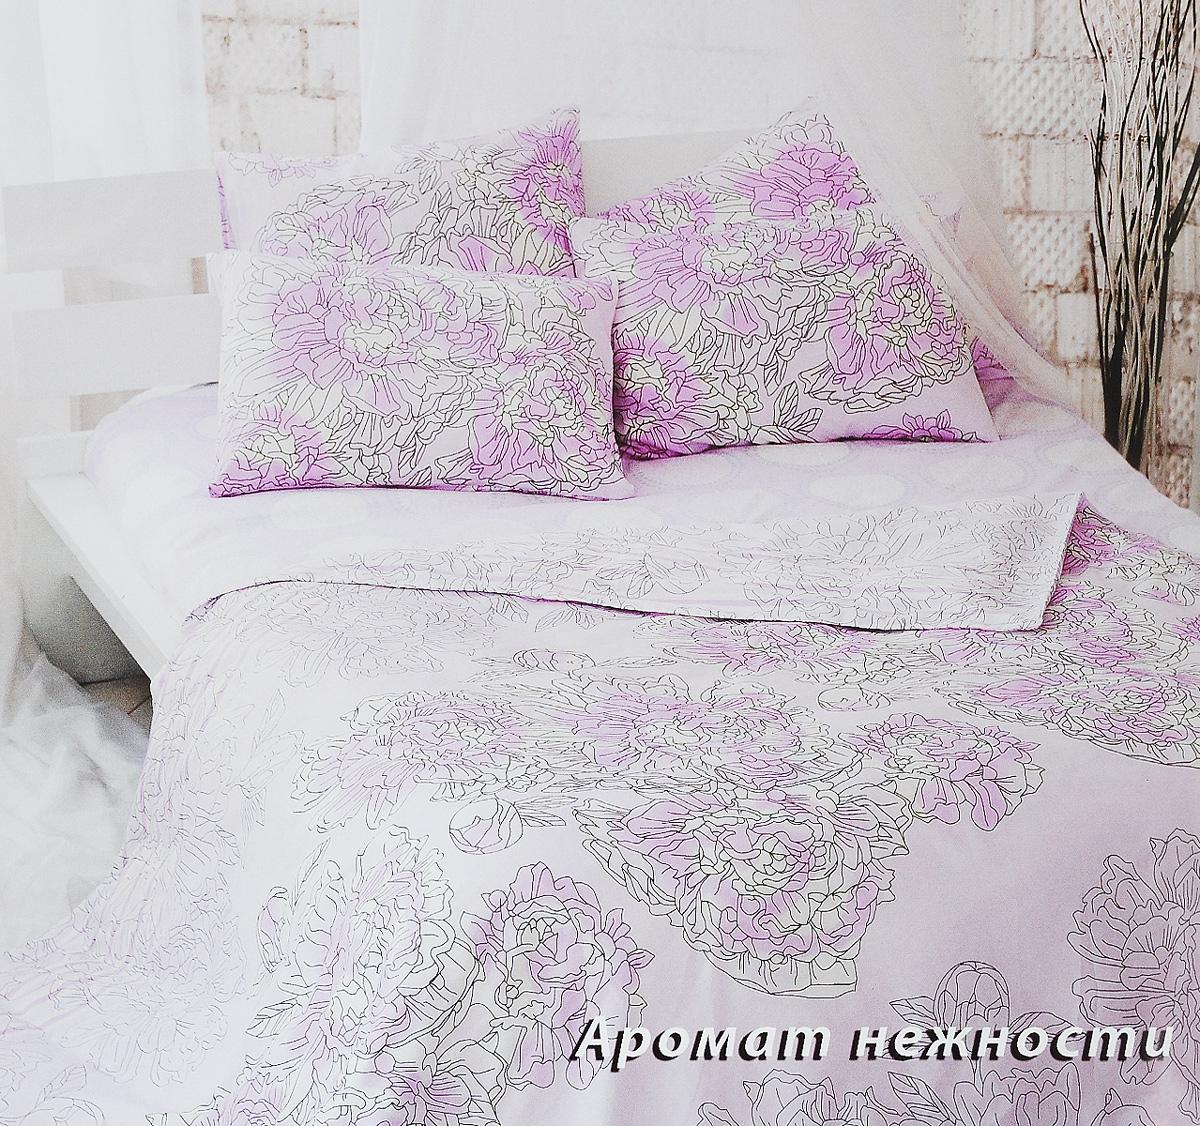 Комплект белья Tiffanys Secret Аромат нежности, 1,5-спальный, наволочки 50х70, цвет: розовый, белый, серый2040815153Комплект постельного белья Tiffanys Secret Аромат нежности является экологически безопасным для всей семьи, так как выполнен из сатина (100% хлопок). Комплект состоит из пододеяльника, простыни и двух наволочек. Предметы комплекта оформлены оригинальным рисунком. Благодаря такому комплекту постельного белья вы сможете создать атмосферу уюта и комфорта в вашей спальне. Сатин - это ткань, навсегда покорившая сердца человечества. Ценившие роскошь персы называли ее атлас, а искушенные в прекрасном французы - сатин. Секрет высококачественного сатина в безупречности всего технологического процесса. Эту благородную ткань делают только из отборной натуральной пряжи, которую получают из самого лучшего тонковолокнистого хлопка. Благодаря использованию самой тонкой хлопковой нити получается необычайно мягкое и нежное полотно. Сатиновое постельное белье превращает жаркие летние ночи в прохладные и освежающие, а холодные зимние - в теплые и согревающие. ...